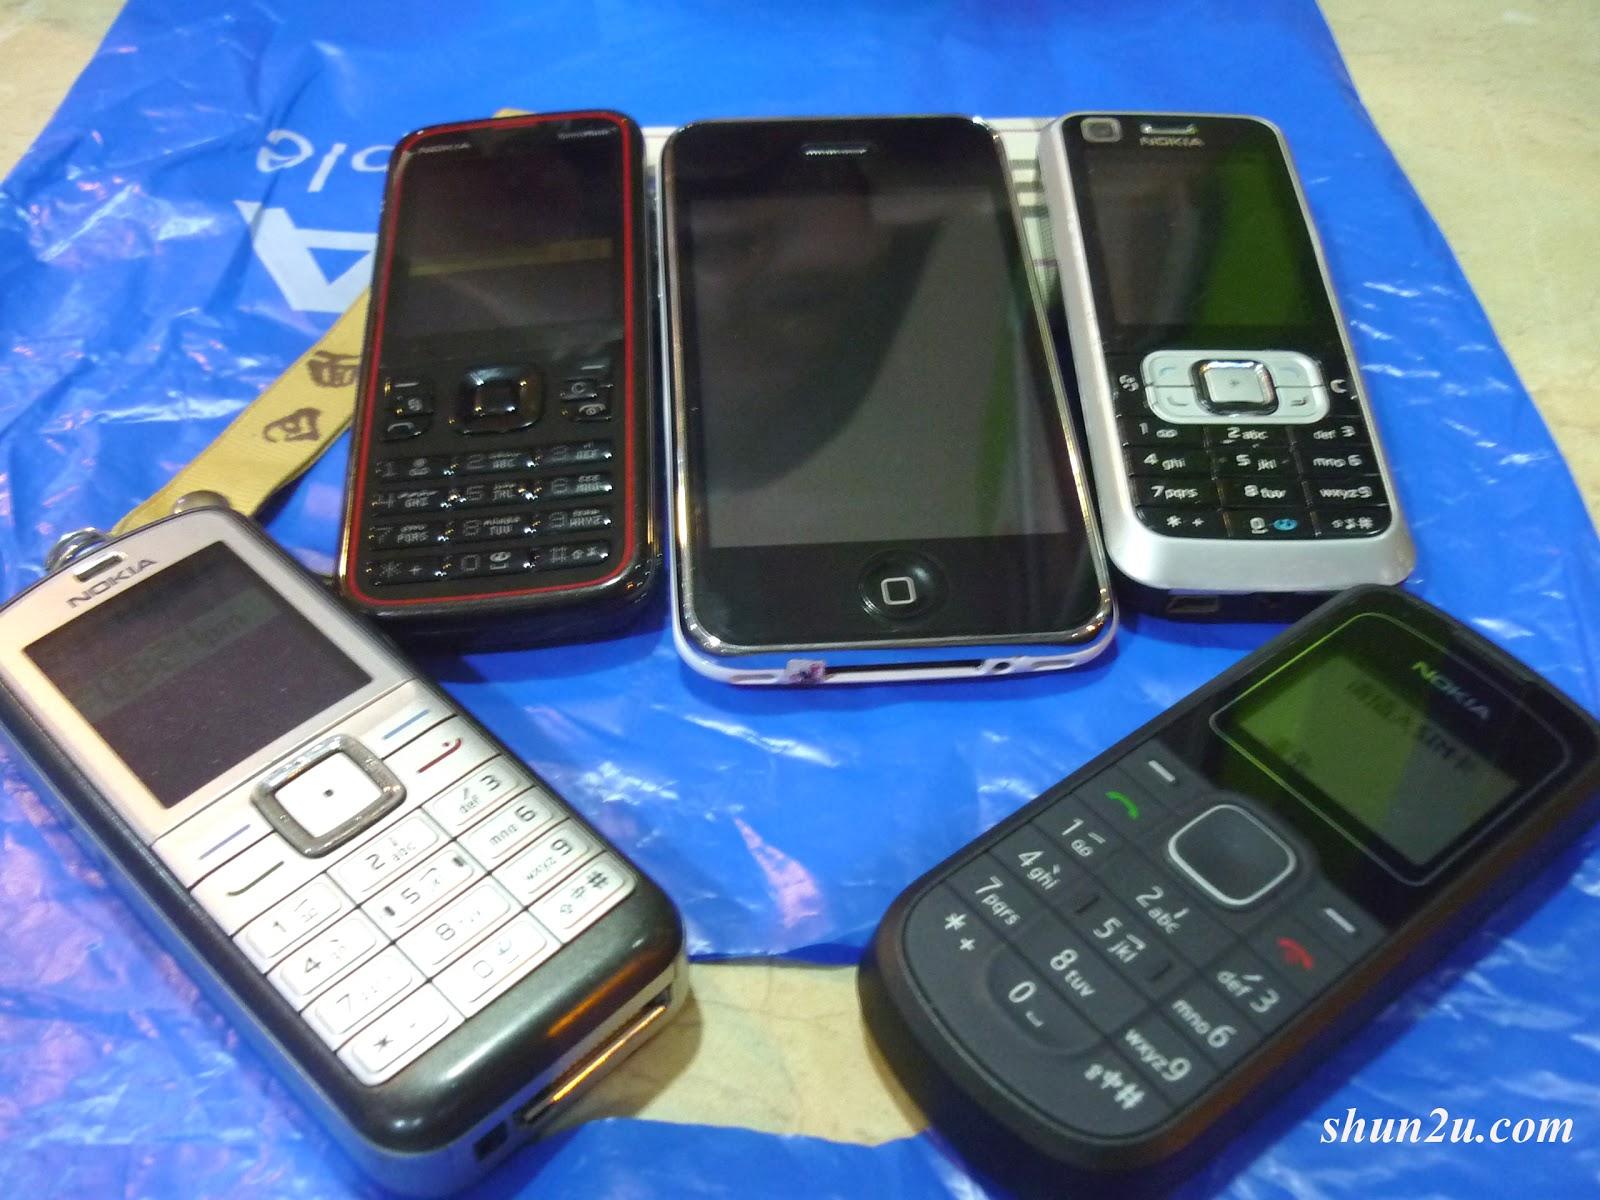 http://3.bp.blogspot.com/_aXk2I2TJiUQ/S8GwpA5nb3I/AAAAAAAAF60/CXte4v1I7iY/s1600/phone.jpg